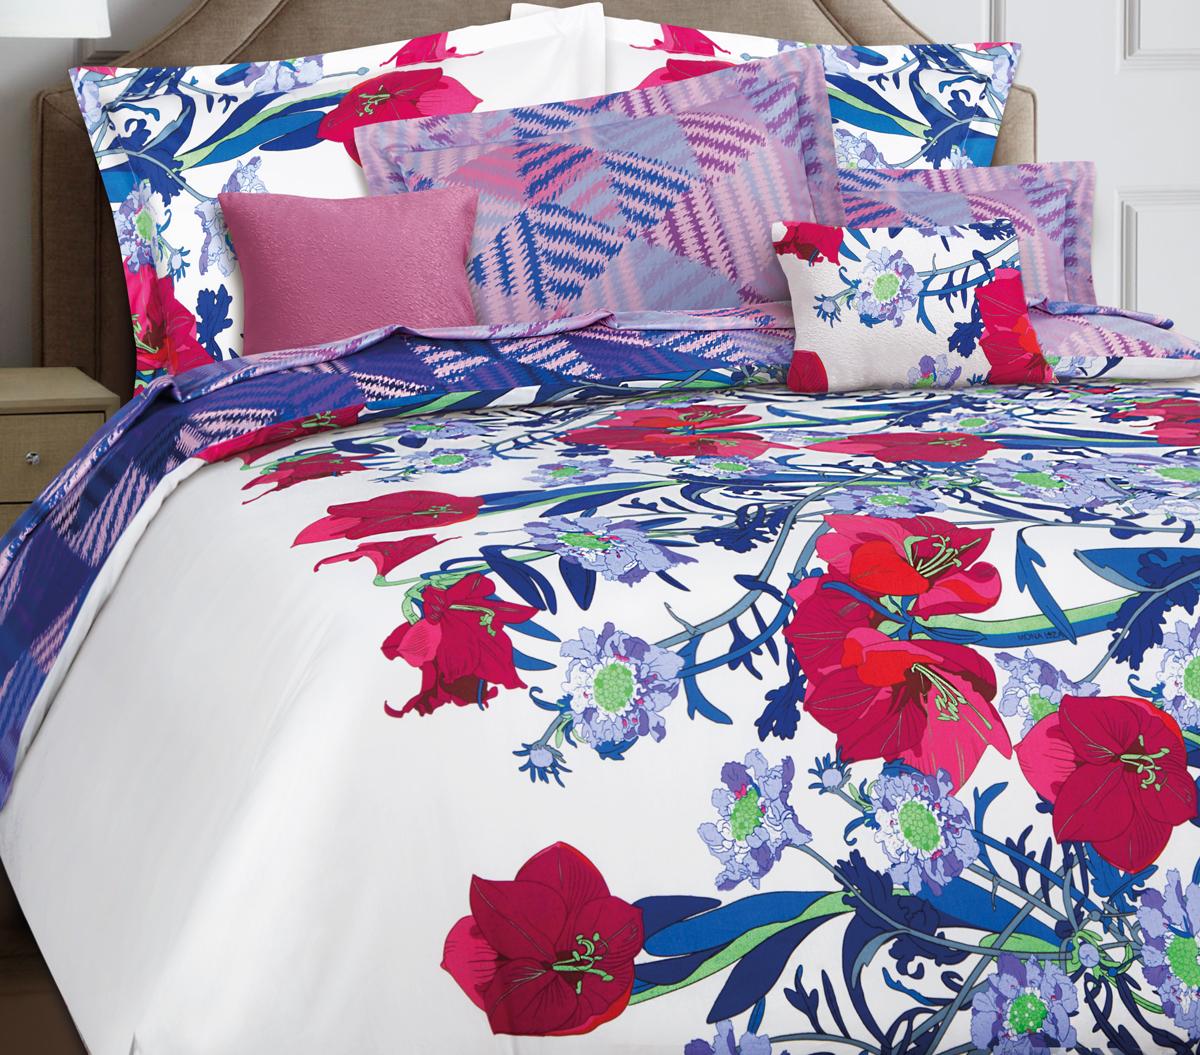 Комплект белья Mona Liza Premium Atelier Ikat, 1,5-спальный, наволочки 70x70. 5047-005